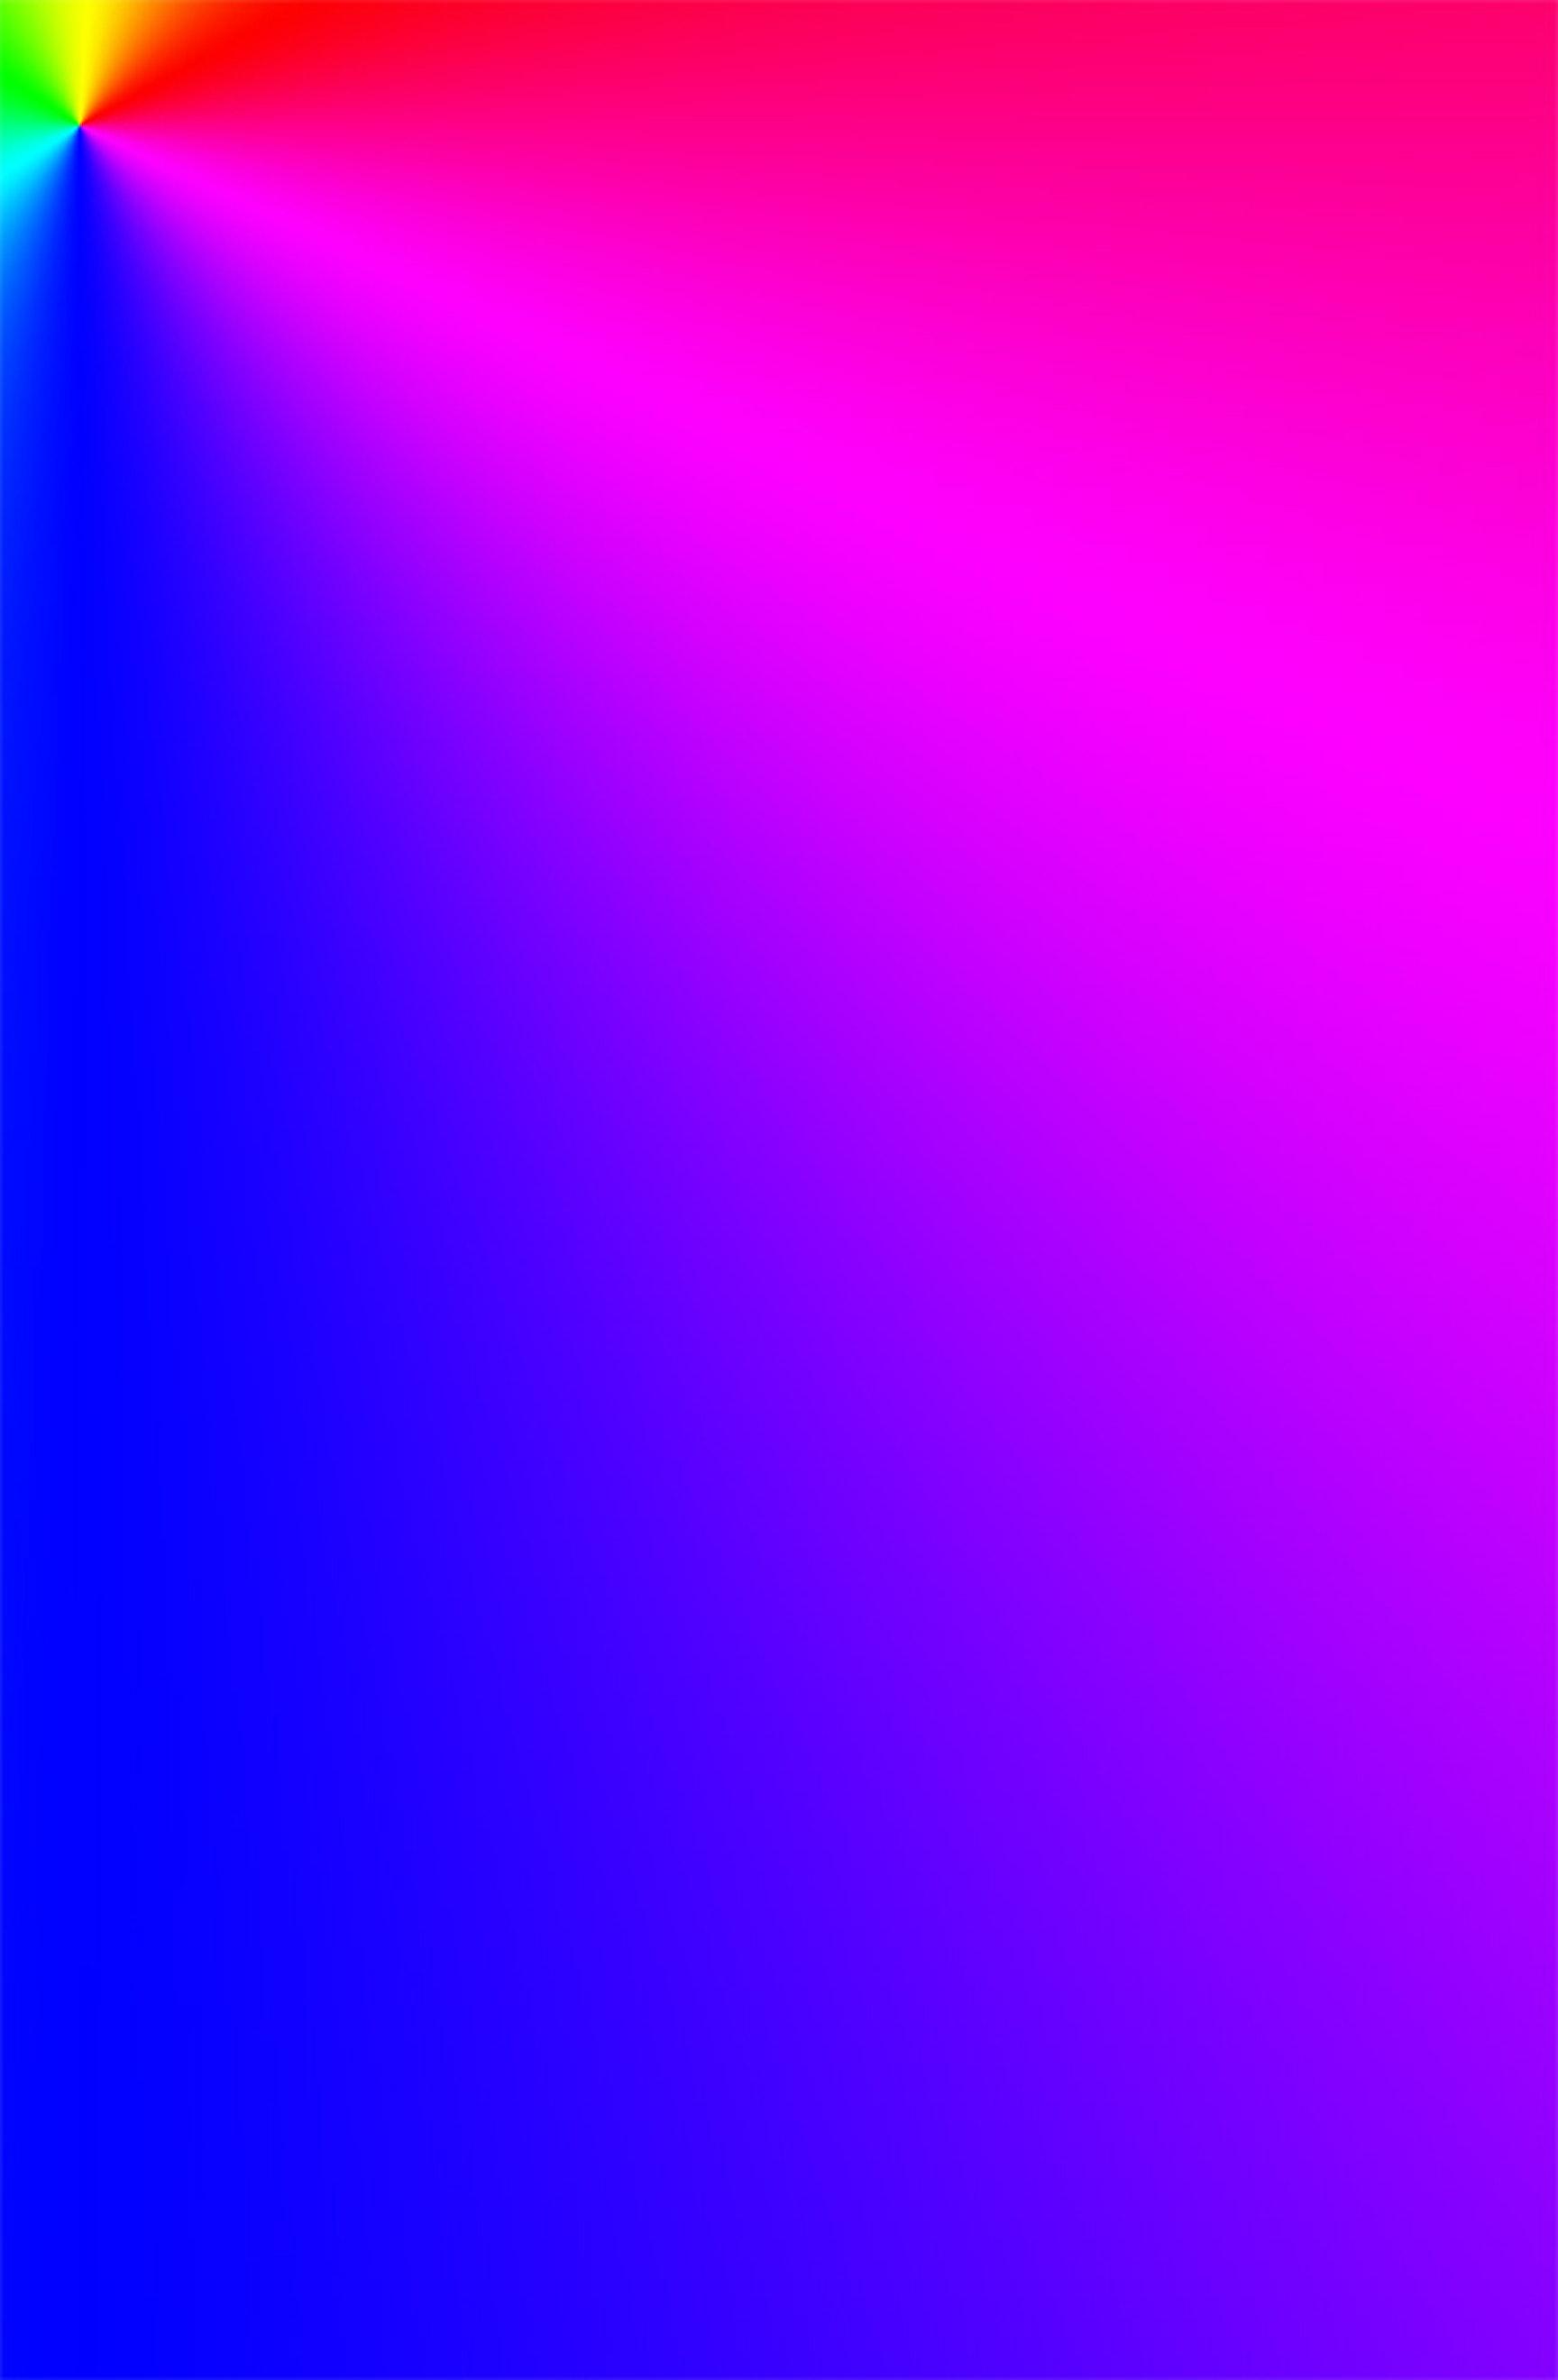 Cory gradient1